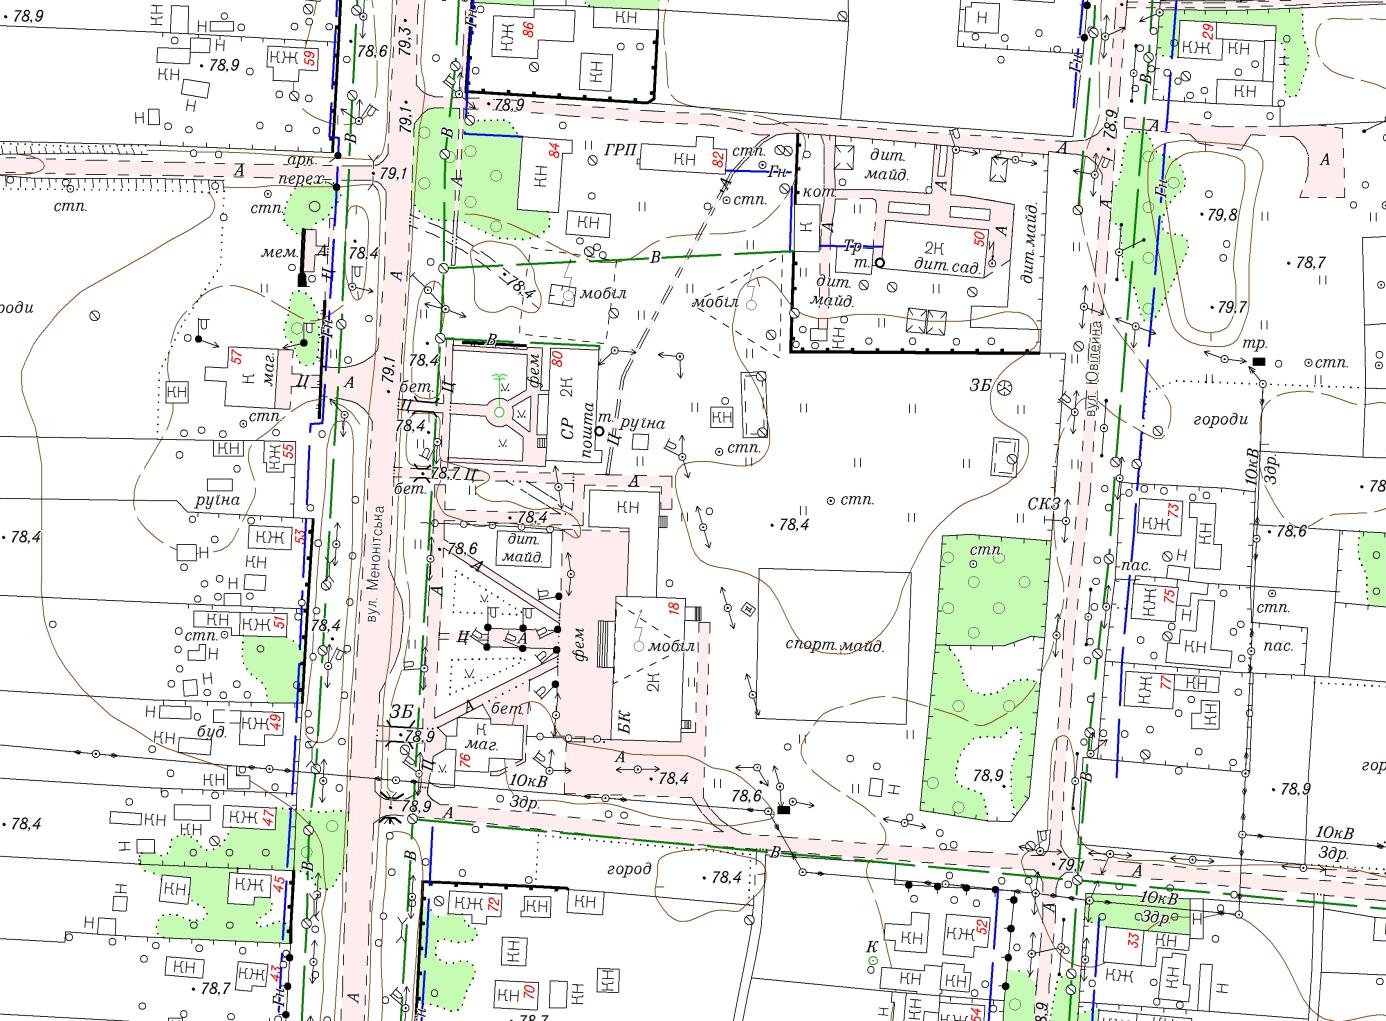 Фрагмент топографічного плану М1:2000 с. Кочубеївка Високопільського району Херсонської області